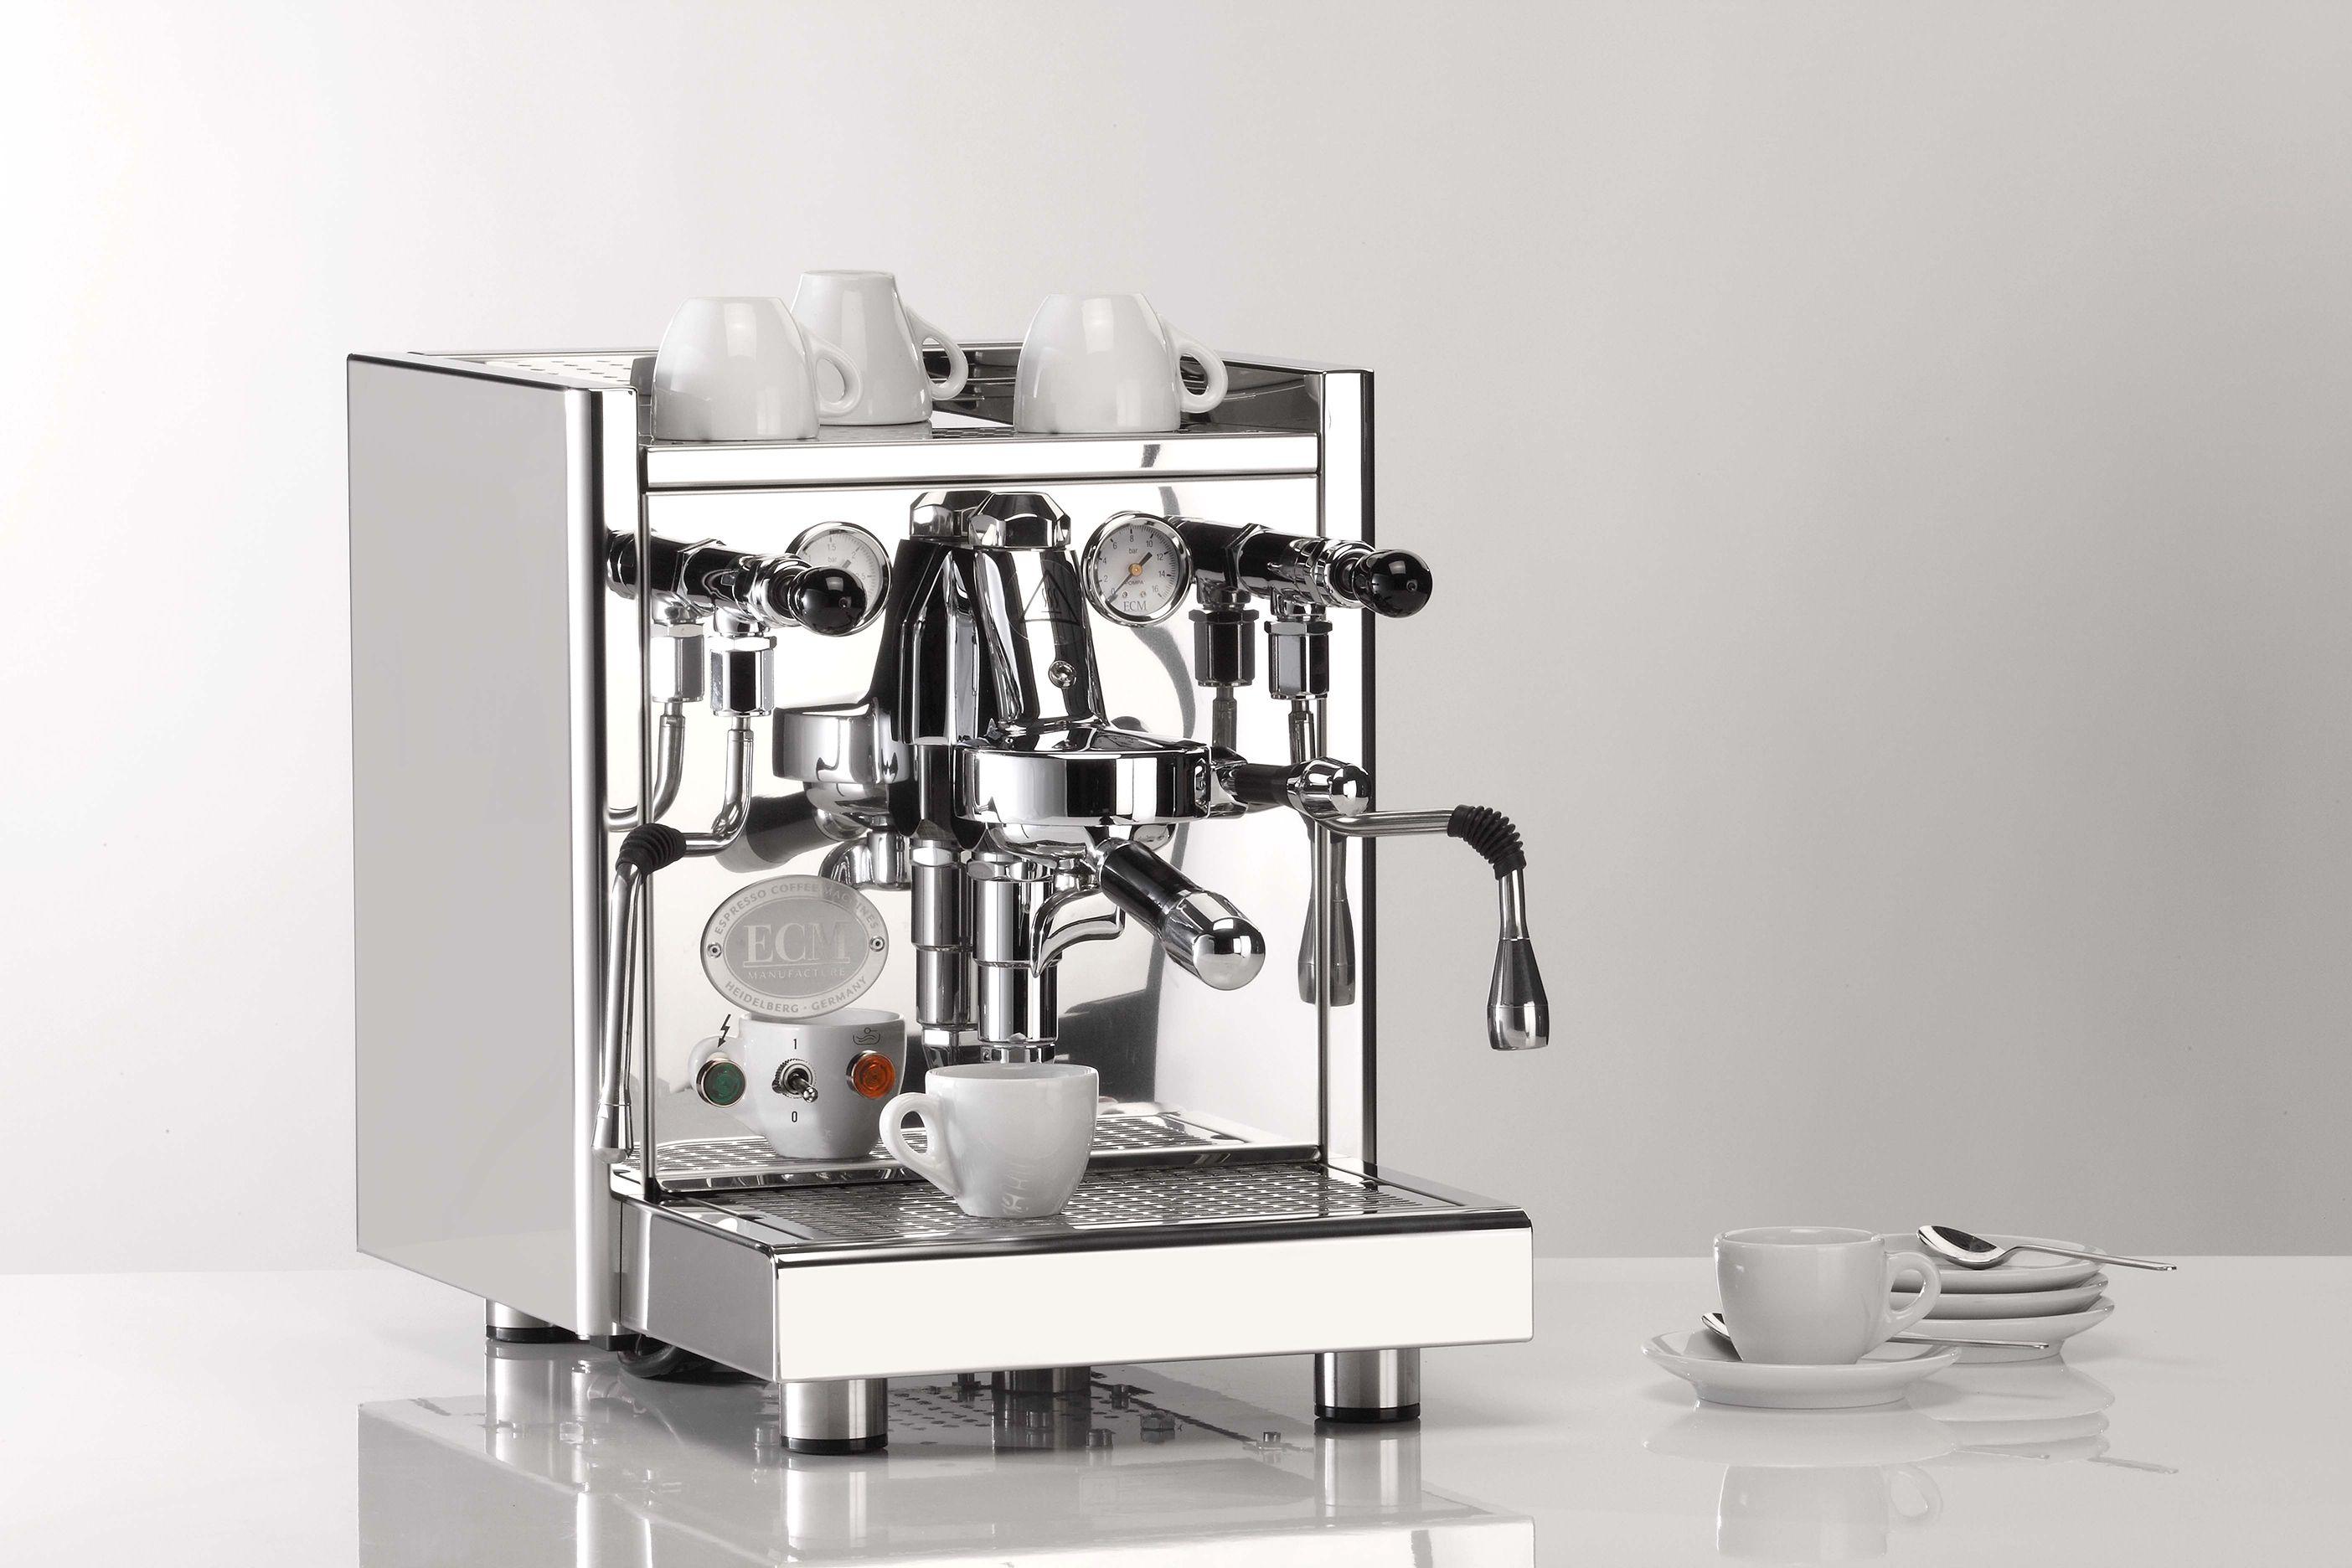 """Bekroond tot de """"Rolls-Royce"""" onder de espressomachines! Deze uitstekend afgewerkte machine biedt alles wat er verwacht wordt van een traditionele espressomachine!"""